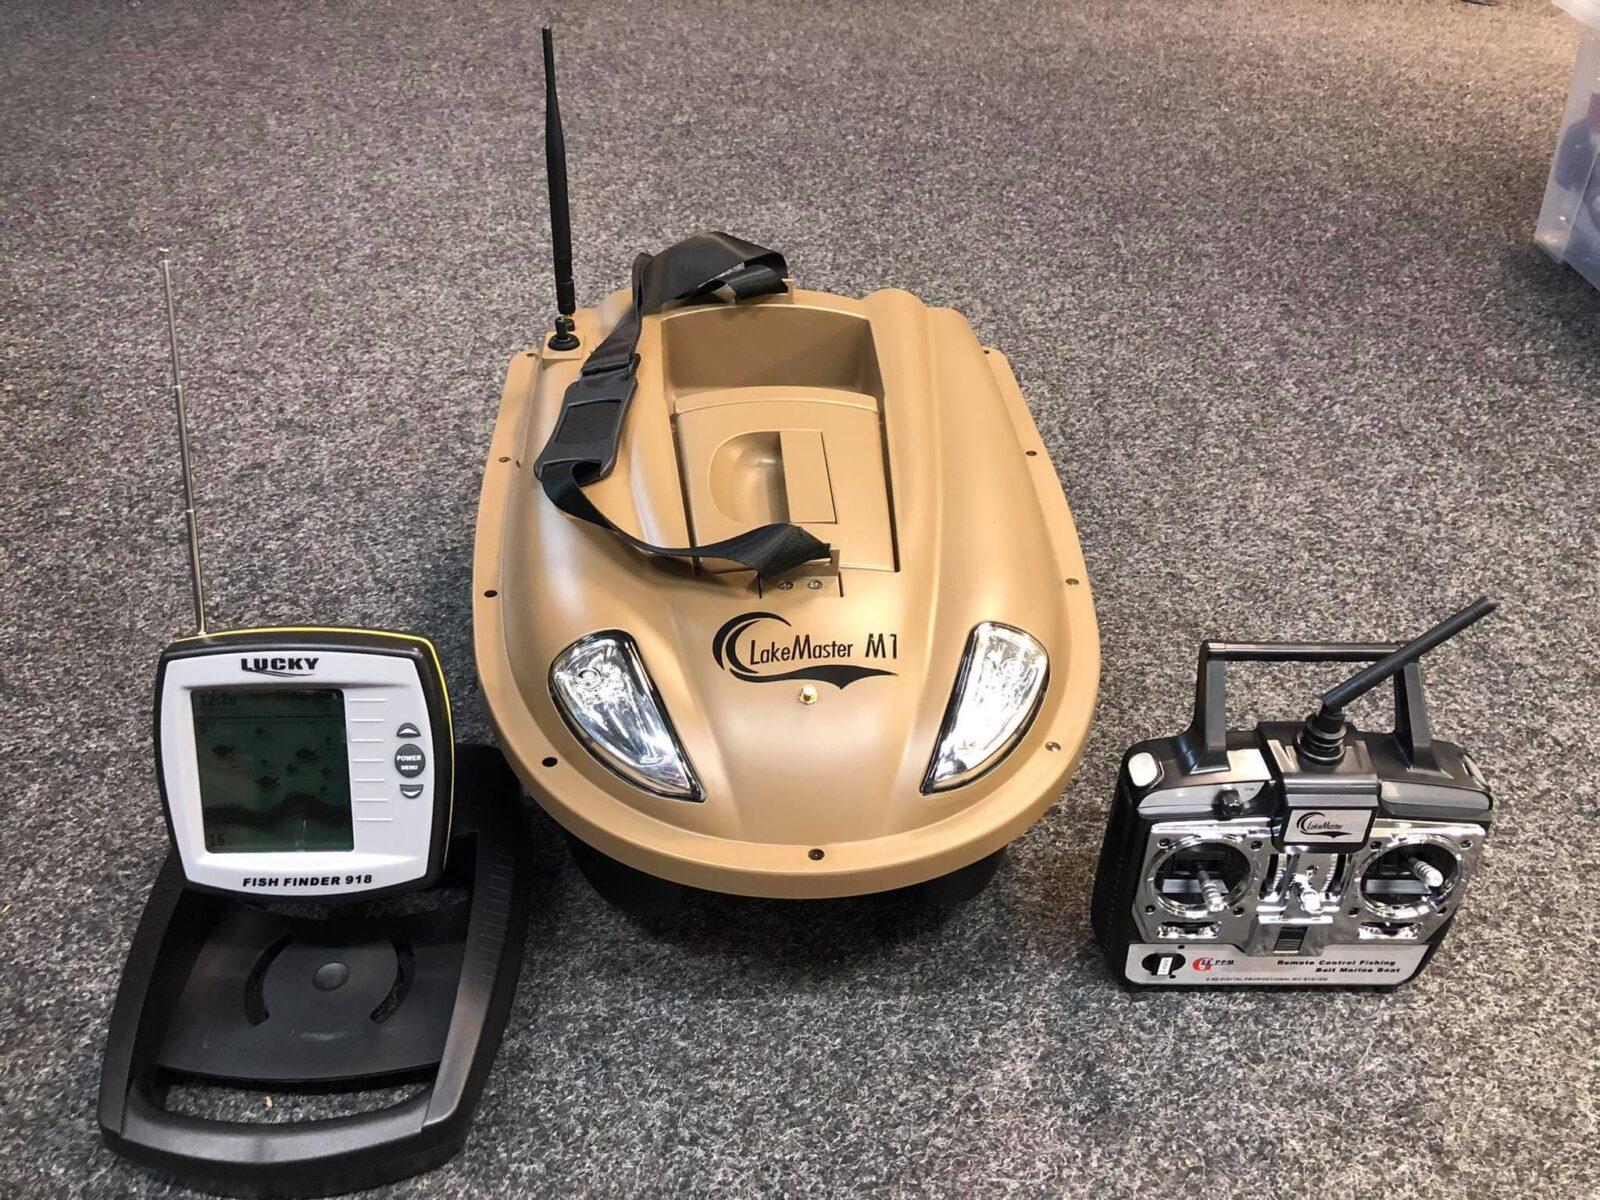 Zavážecí loďka Sports M1 se zabudovaným sonarem Fish Finder 918